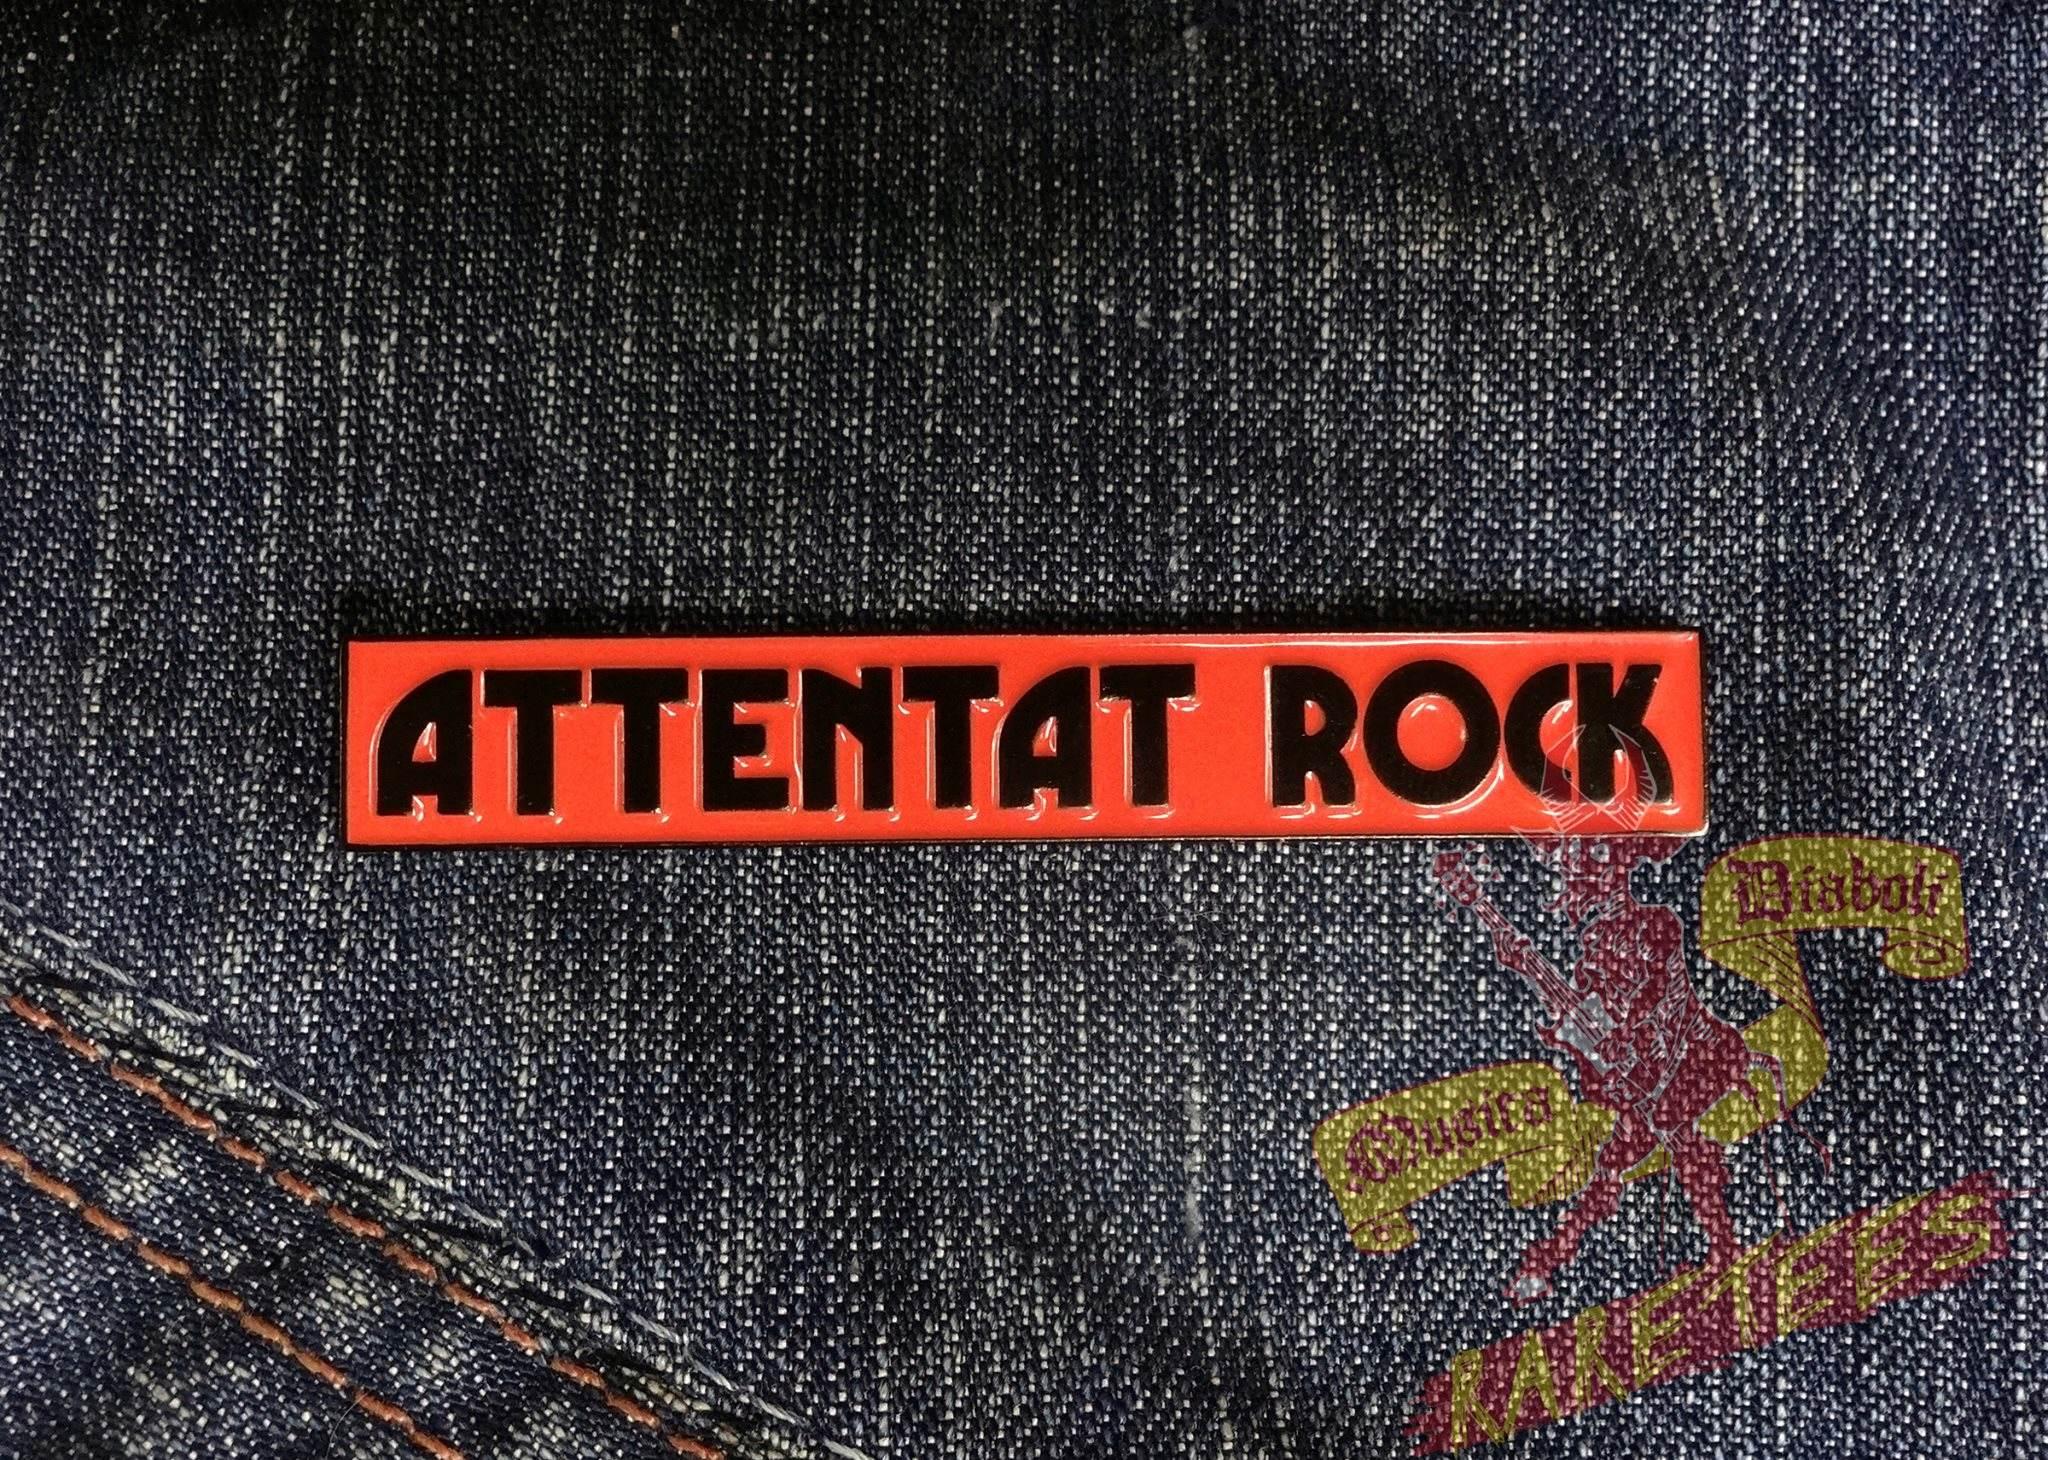 Musica Diaboli Raretees sort un PIN'S ATTENTAT ROCK ! 72213610